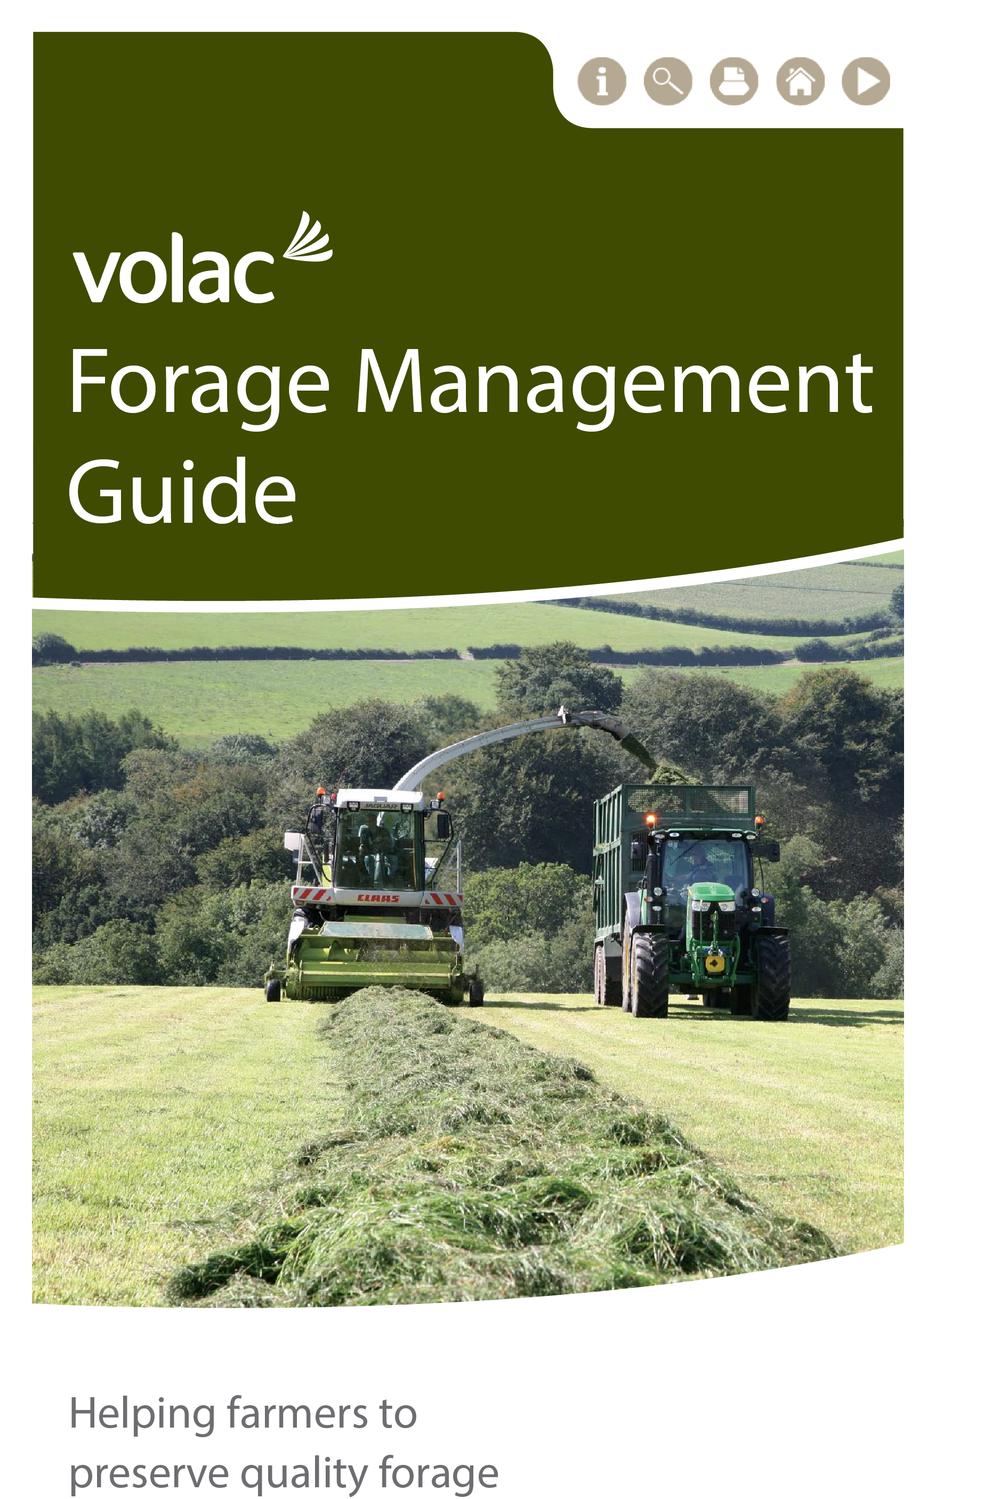 volac-forage-management-brandman_original.png